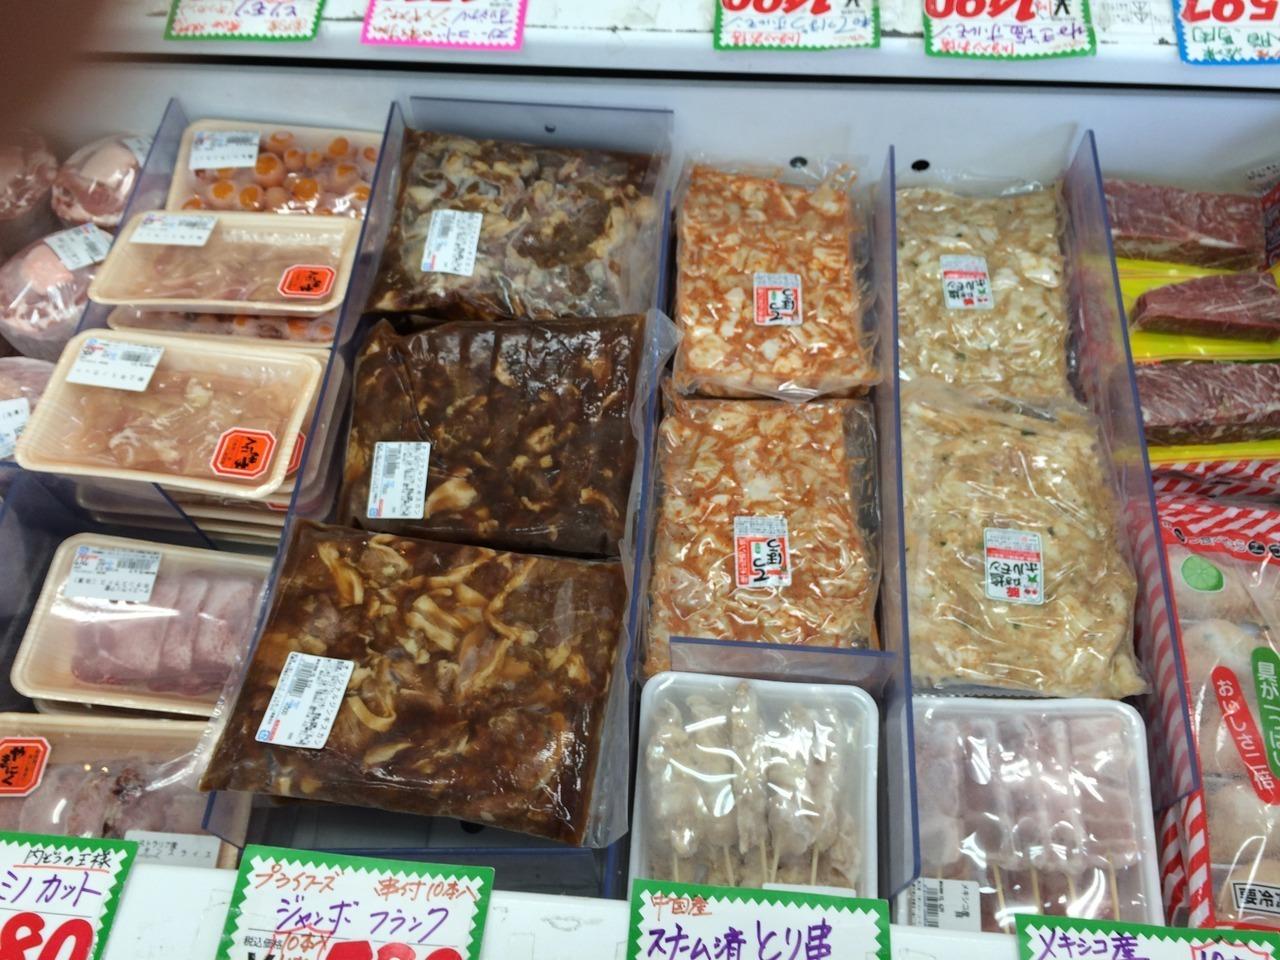 毎月2・9・19・29日は肉の日10%OFF ミートボーイ 札幌